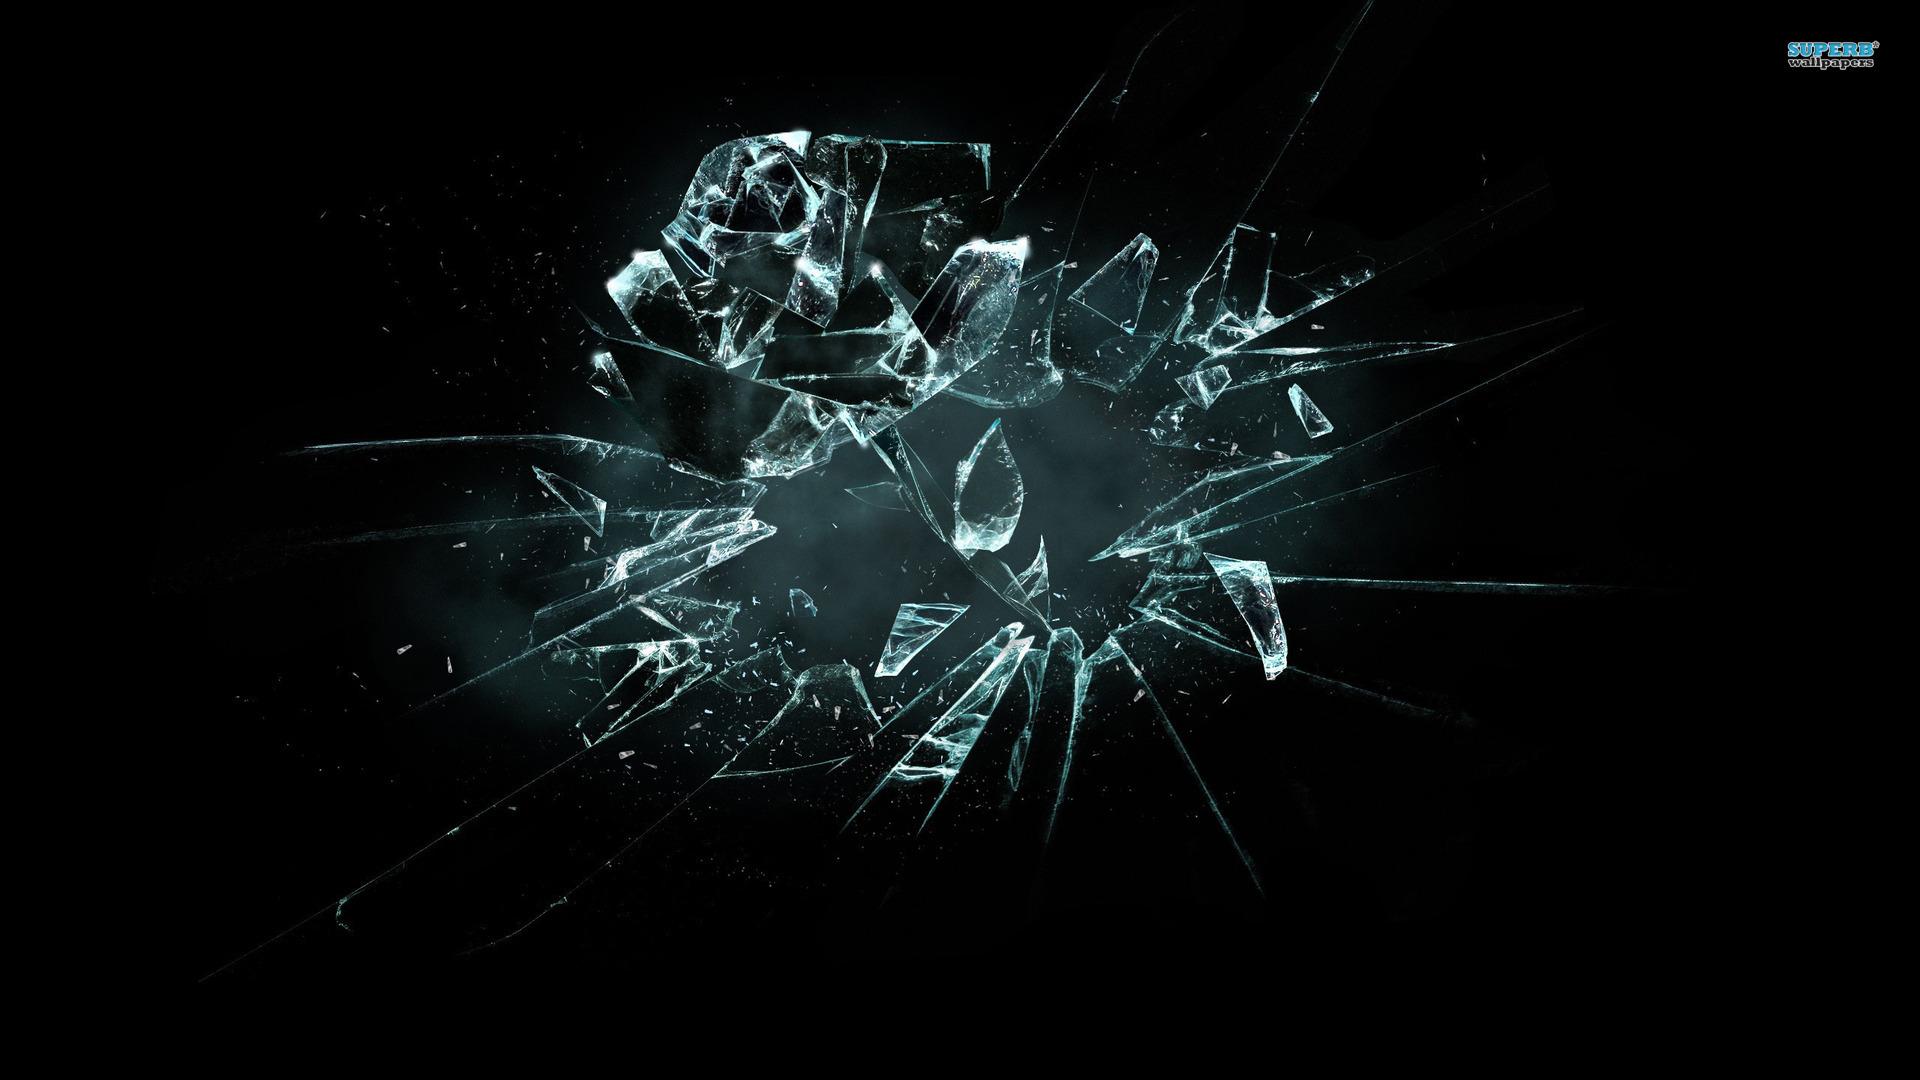 Broken glass wallpaper 1920x1080